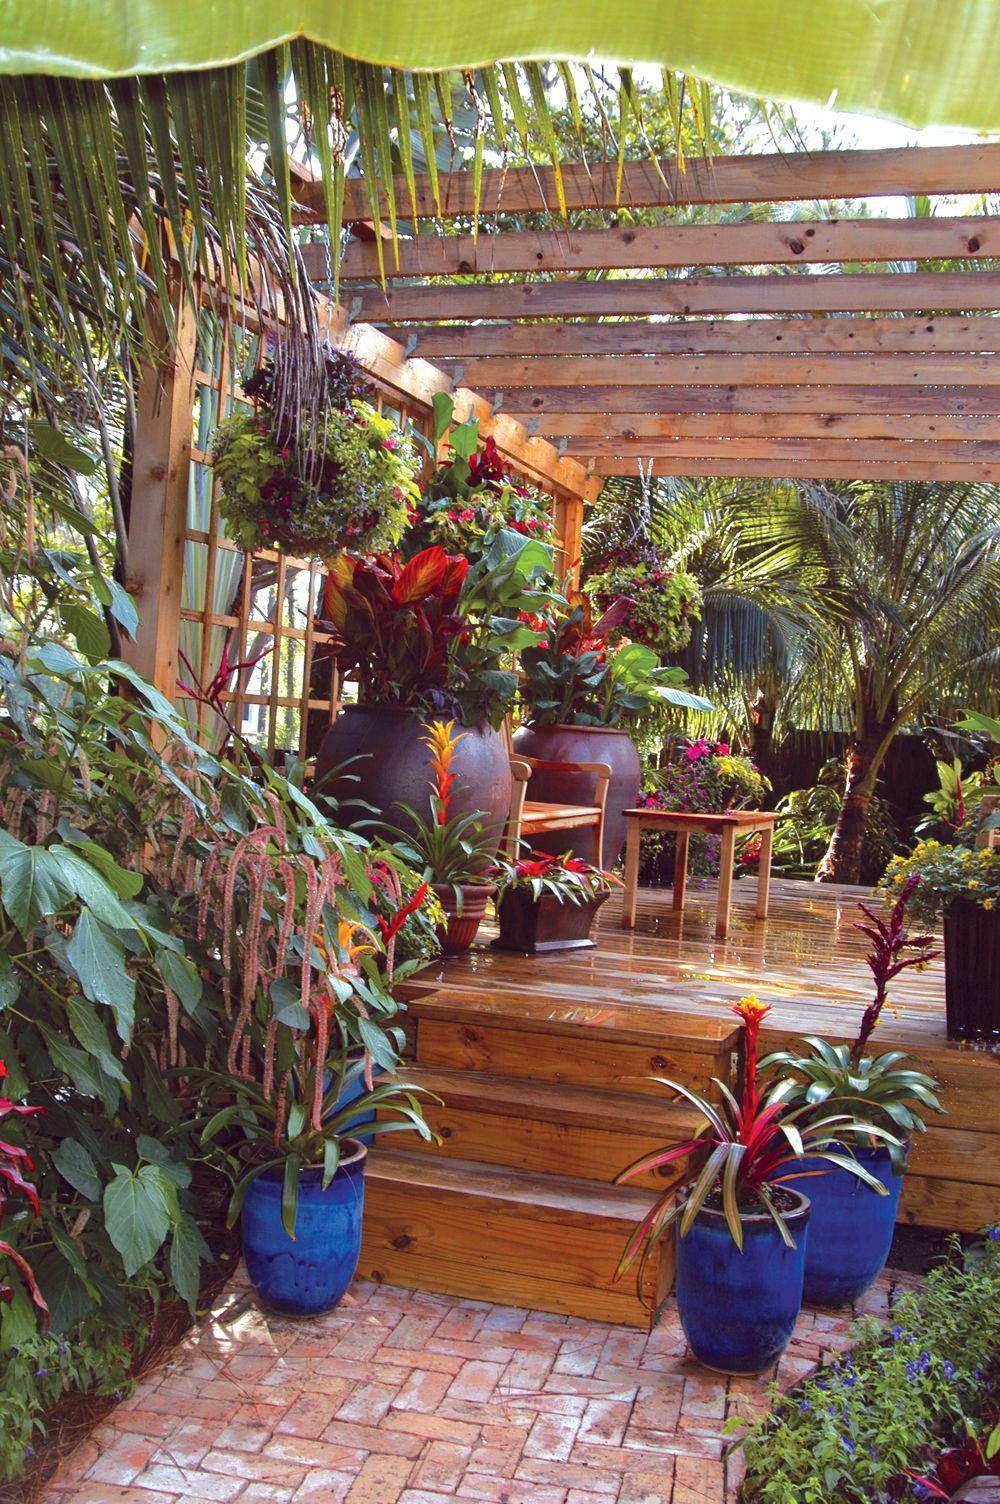 6e1429572e2568cc09833064b3ebae84 - Container Store Palm Beach Gardens Florida